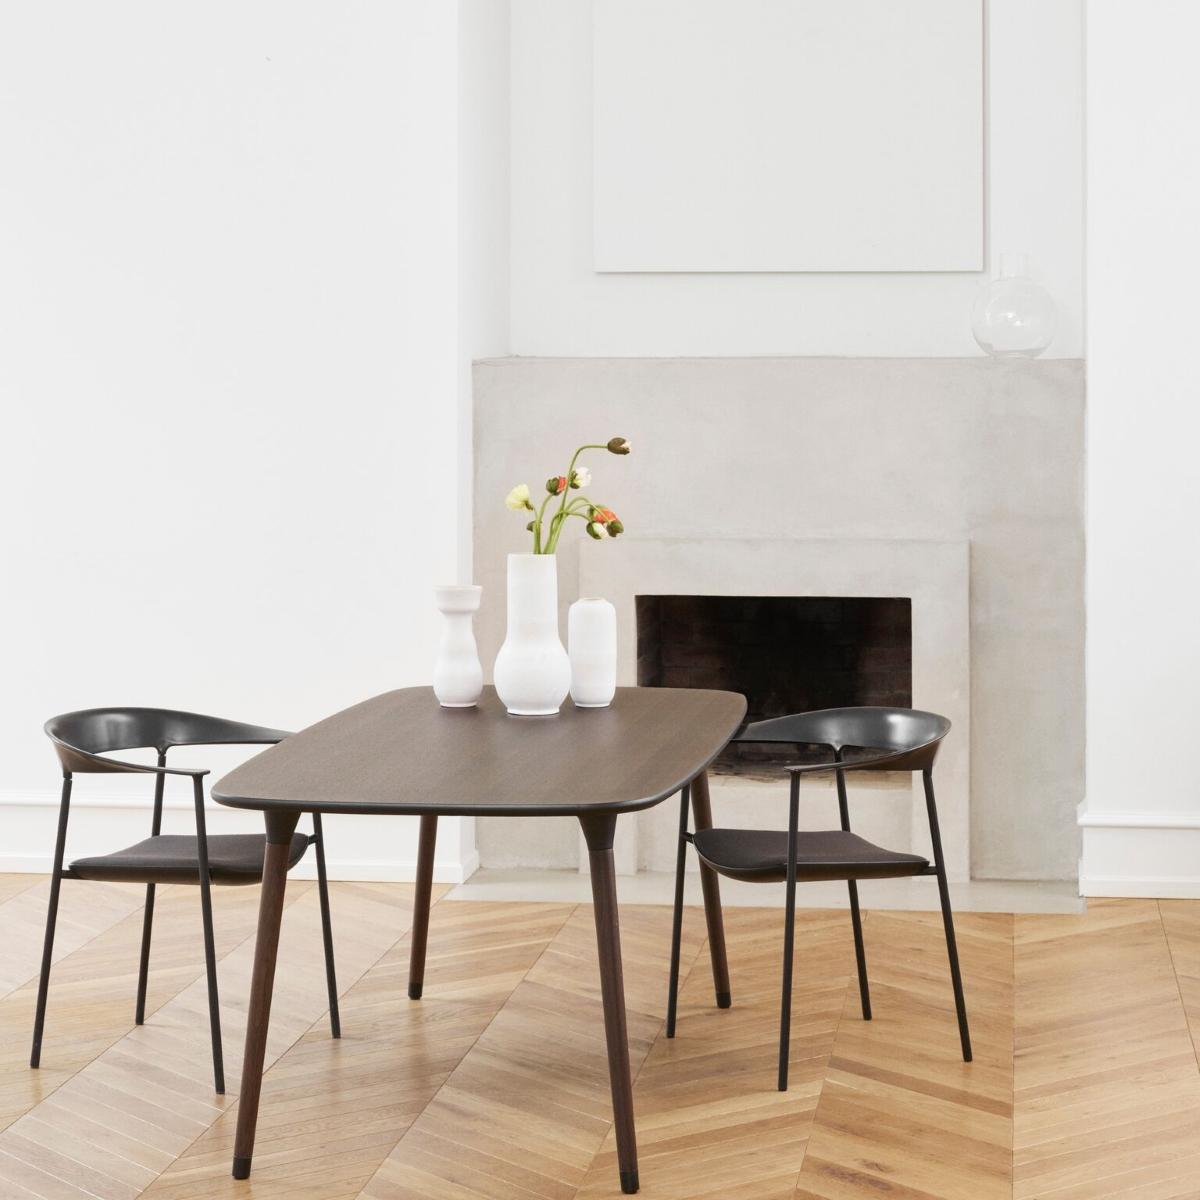 Paustian Designermöbel Kopenhagen